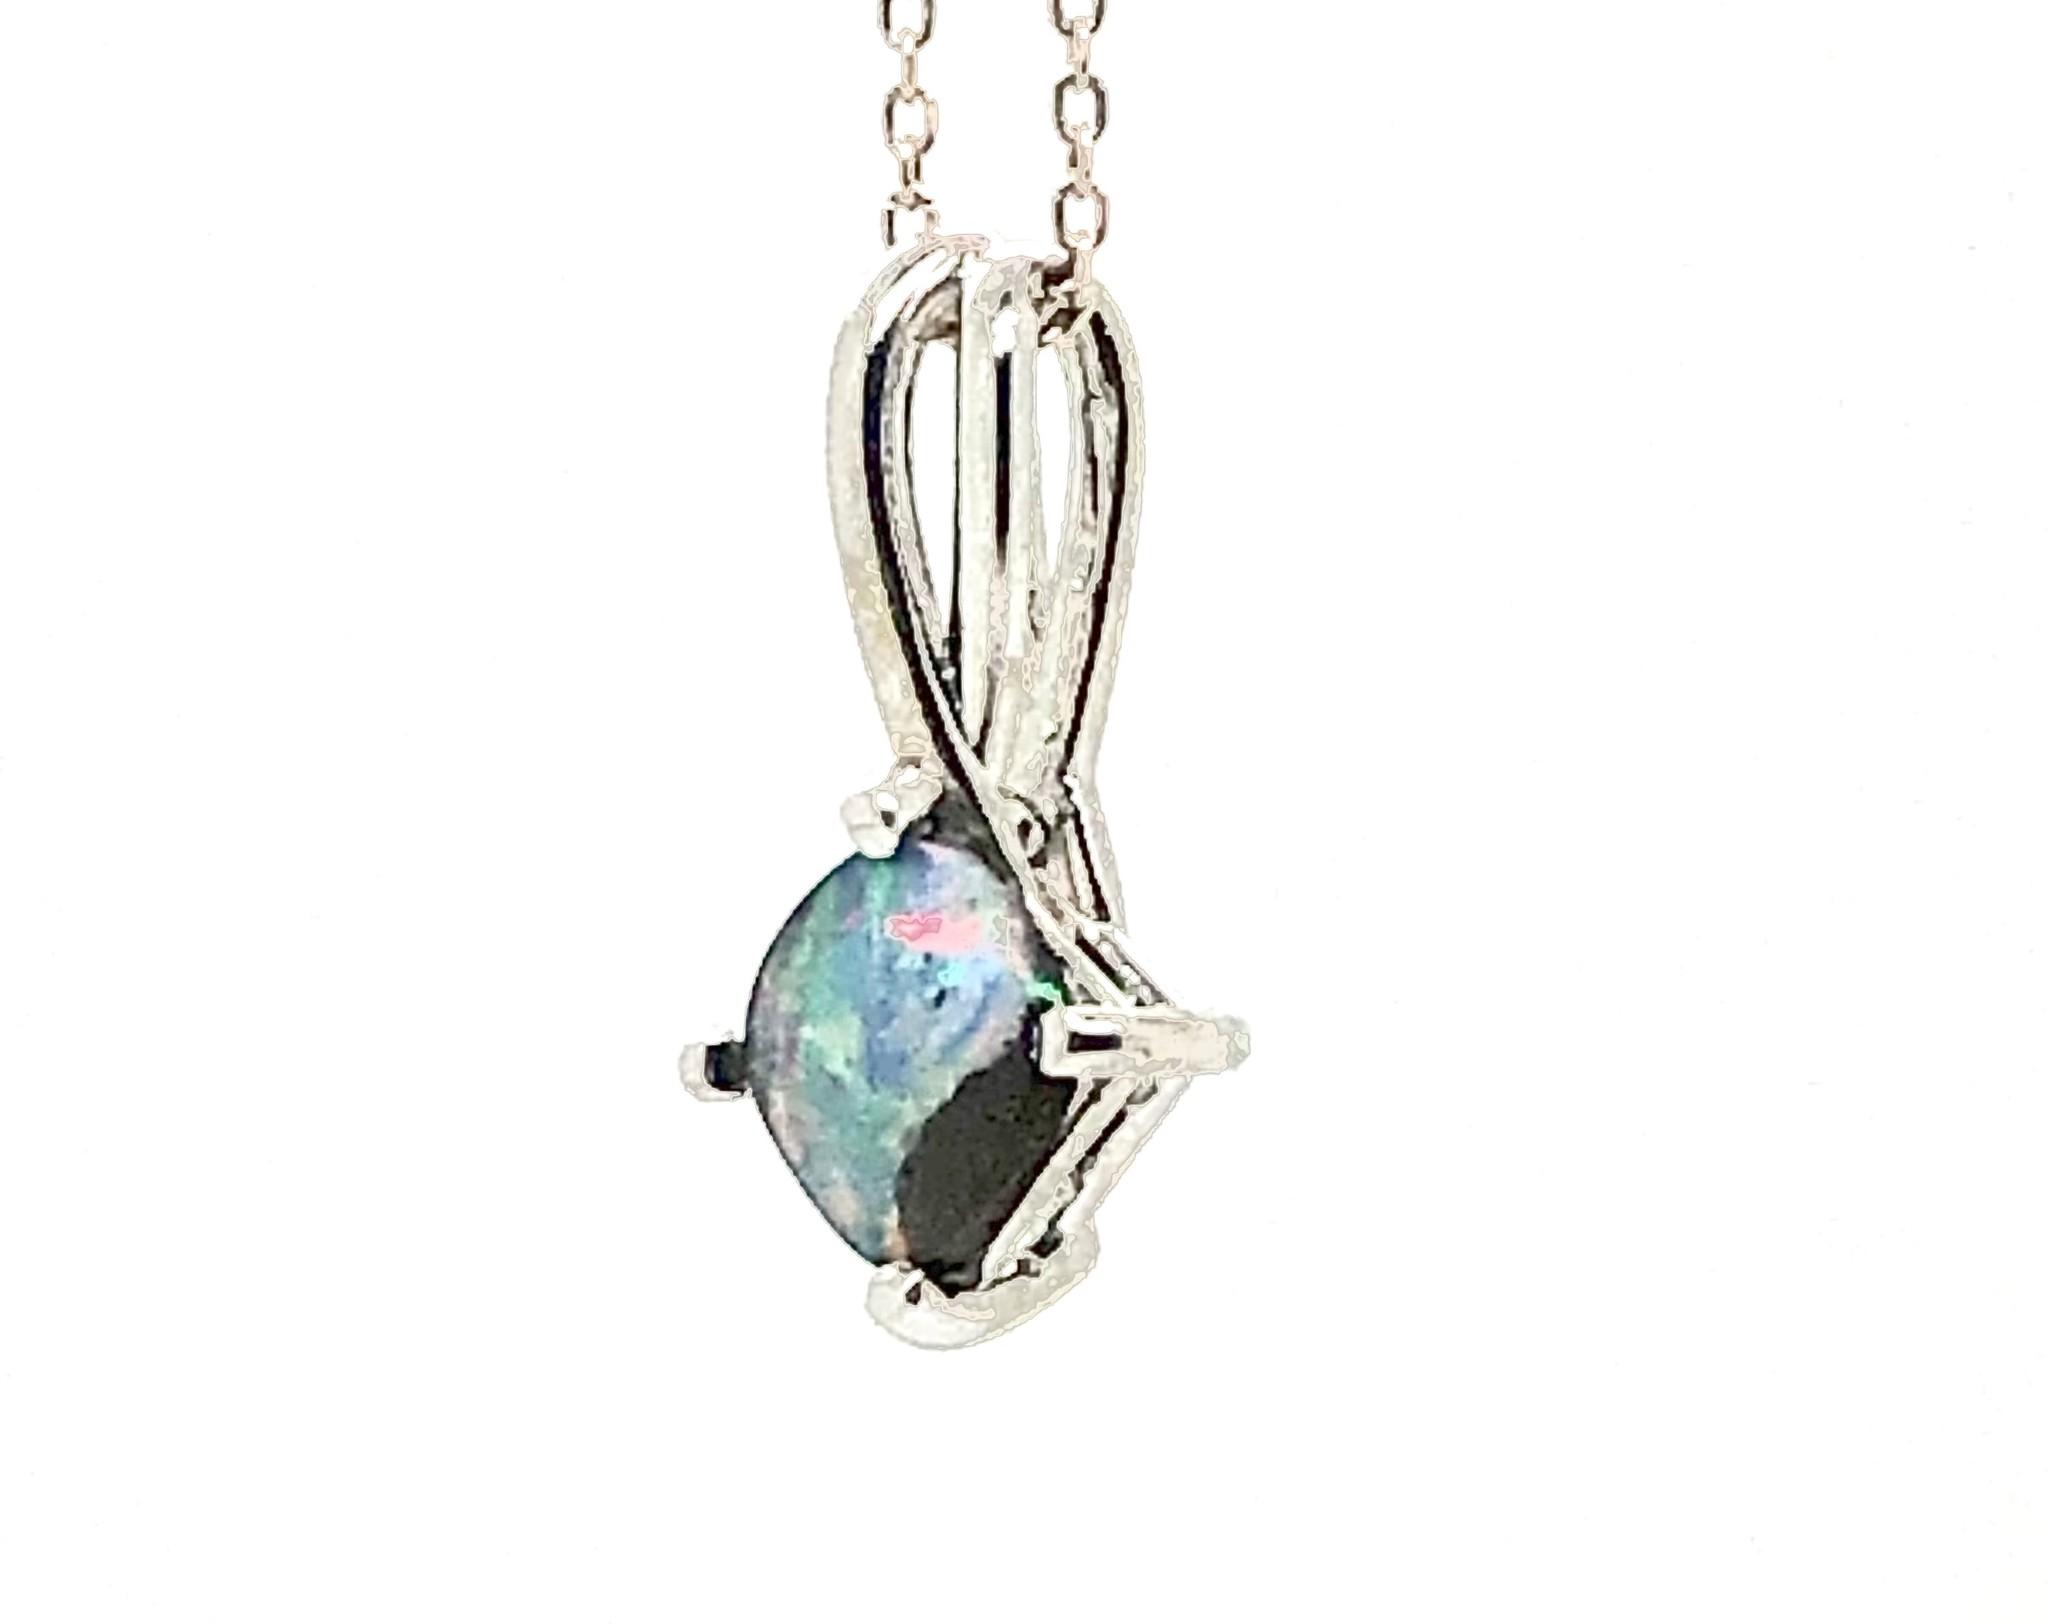 14K White Gold Australian Opal Pendant